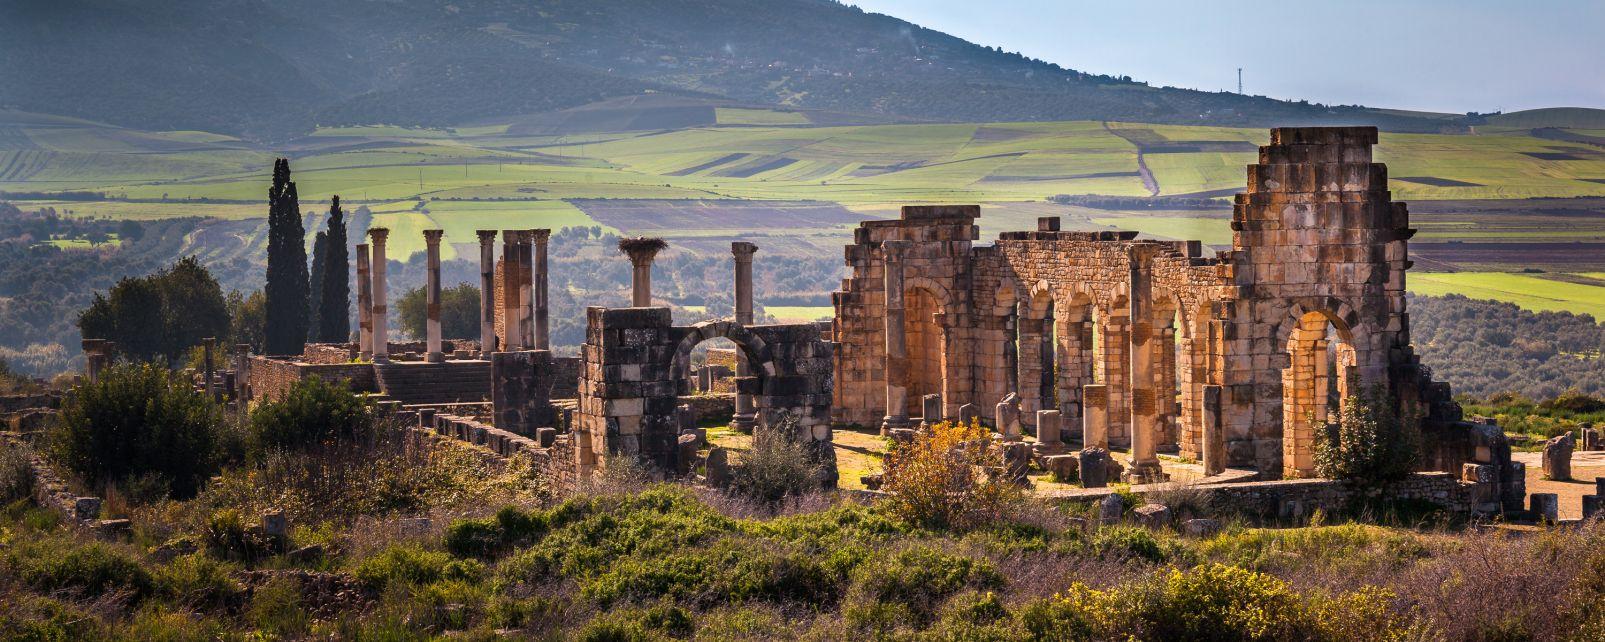 Ruinas romanas en tierras musulmanas, Las ruinas de Volubilis, Arte y cultura, Meknes, Marruecos el Centro